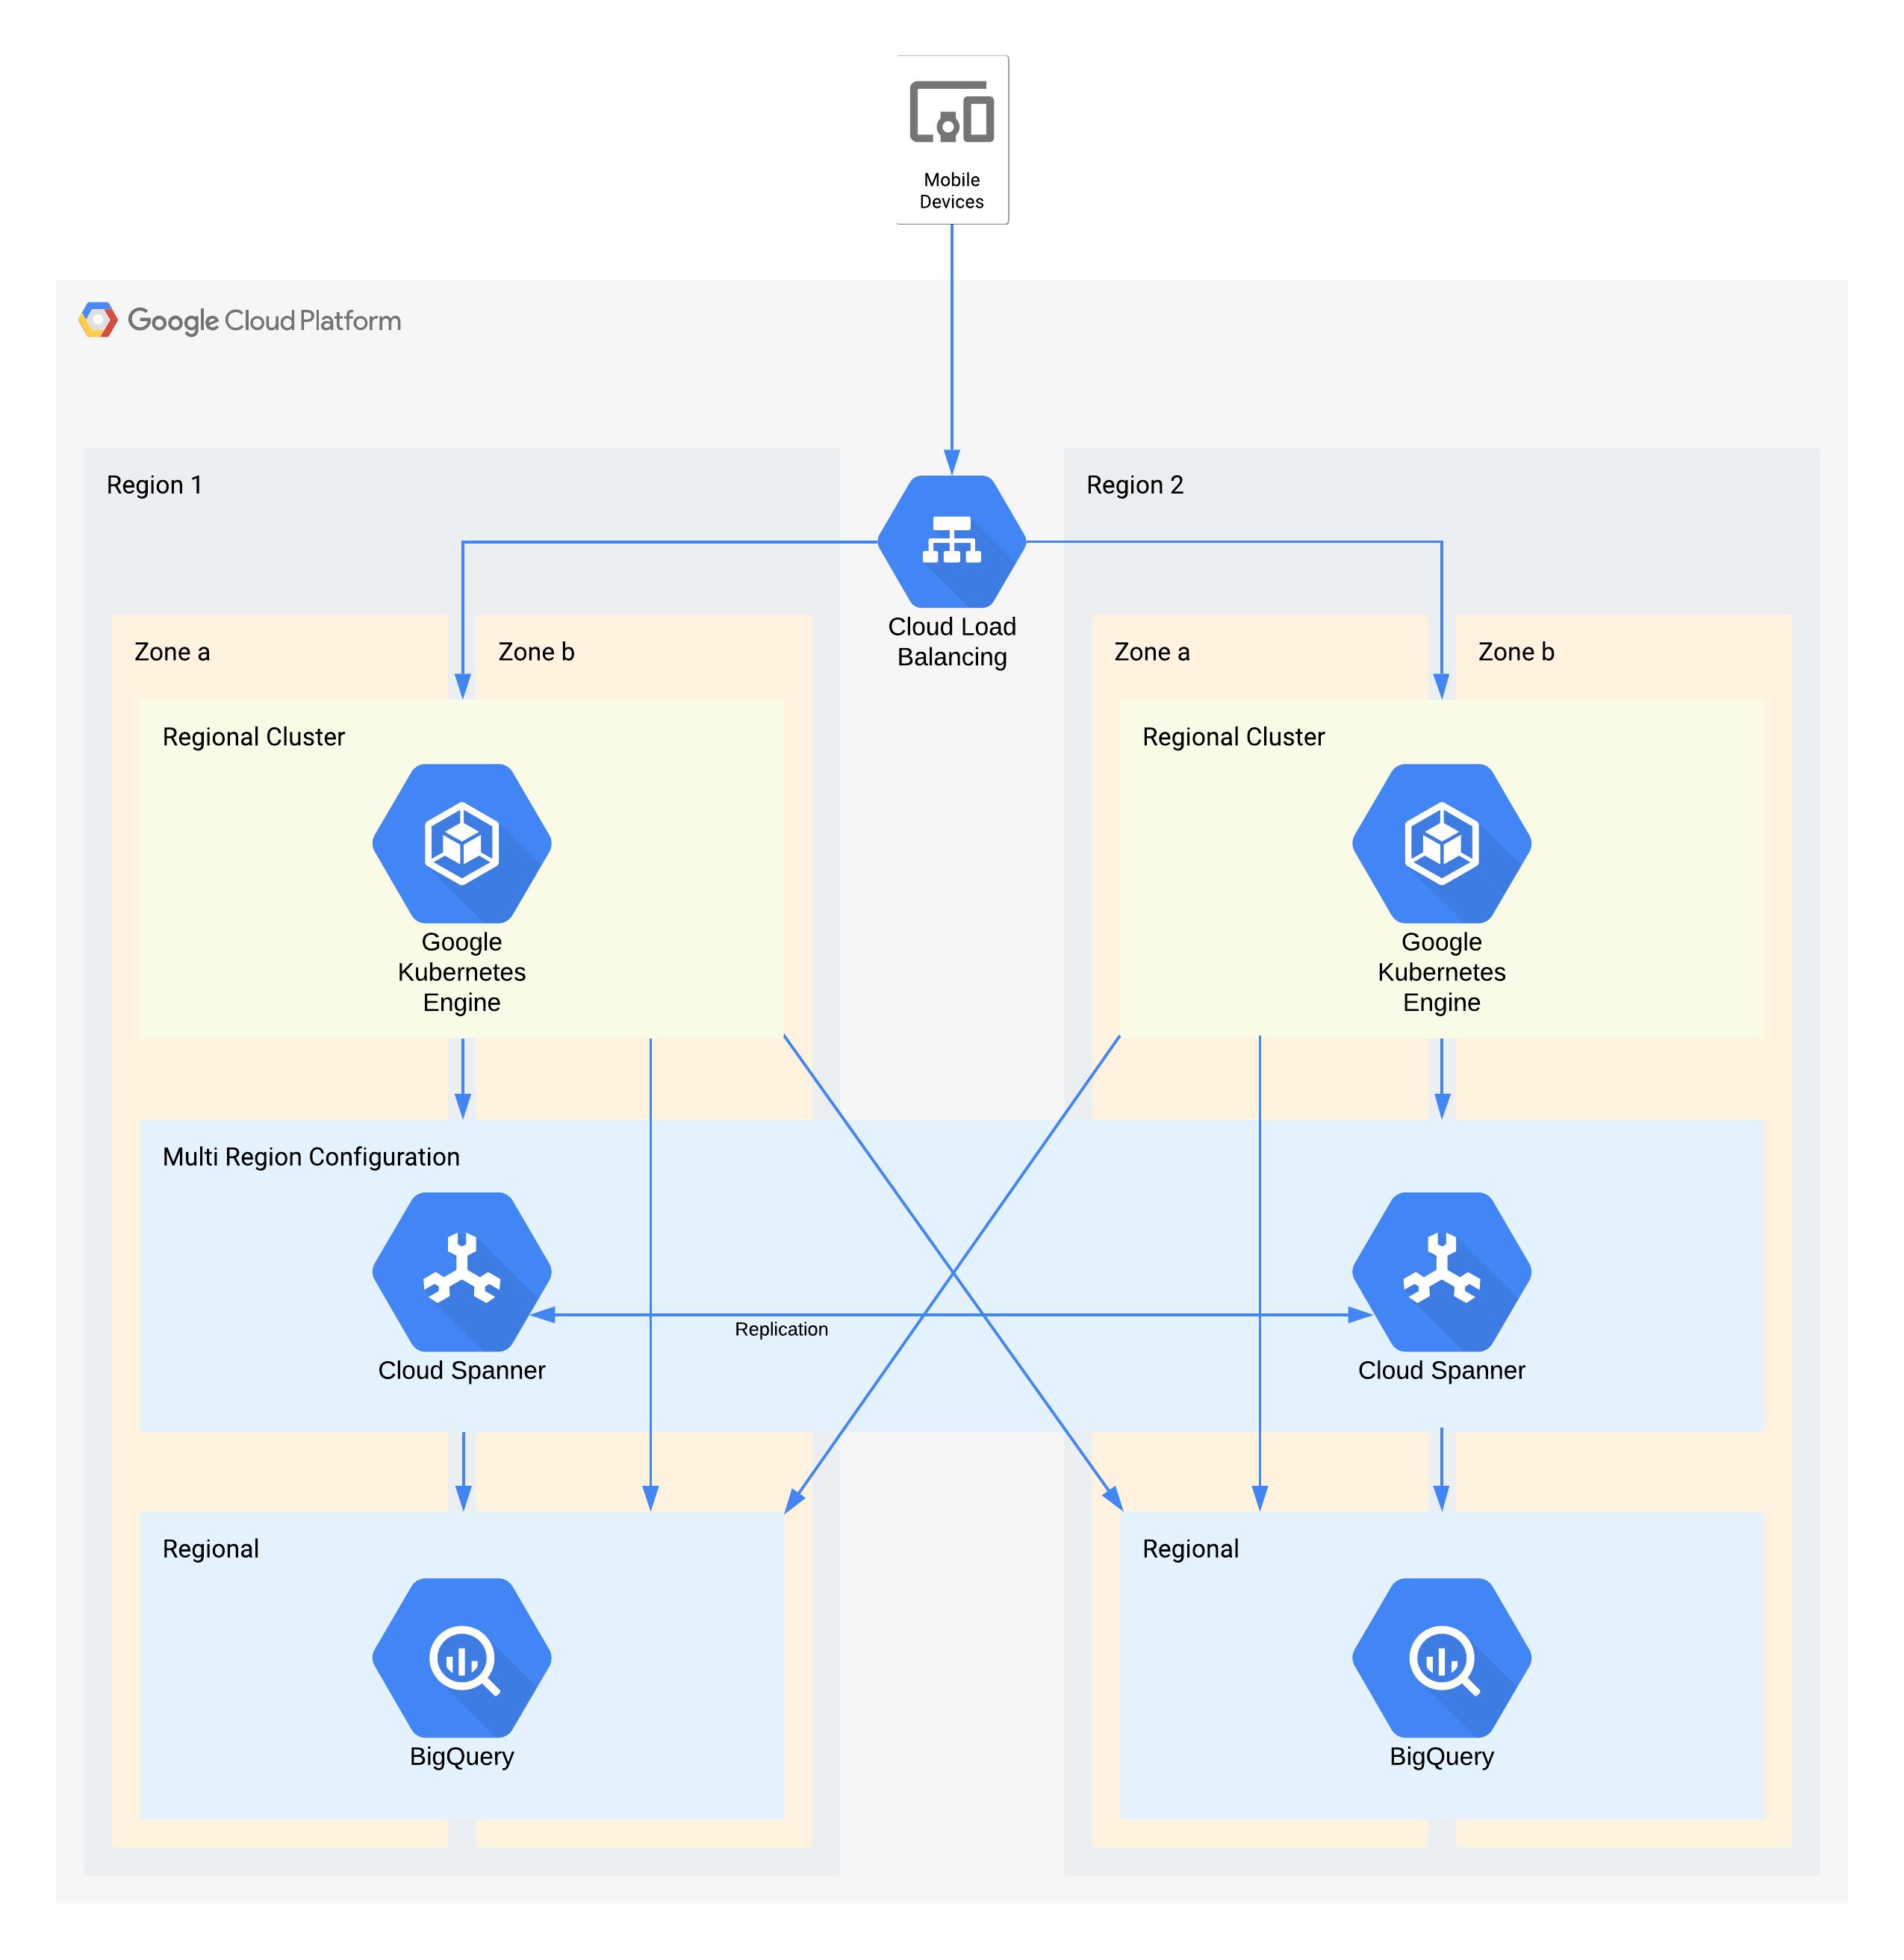 使用 Google Cloud 产品的层级 1 架构示例